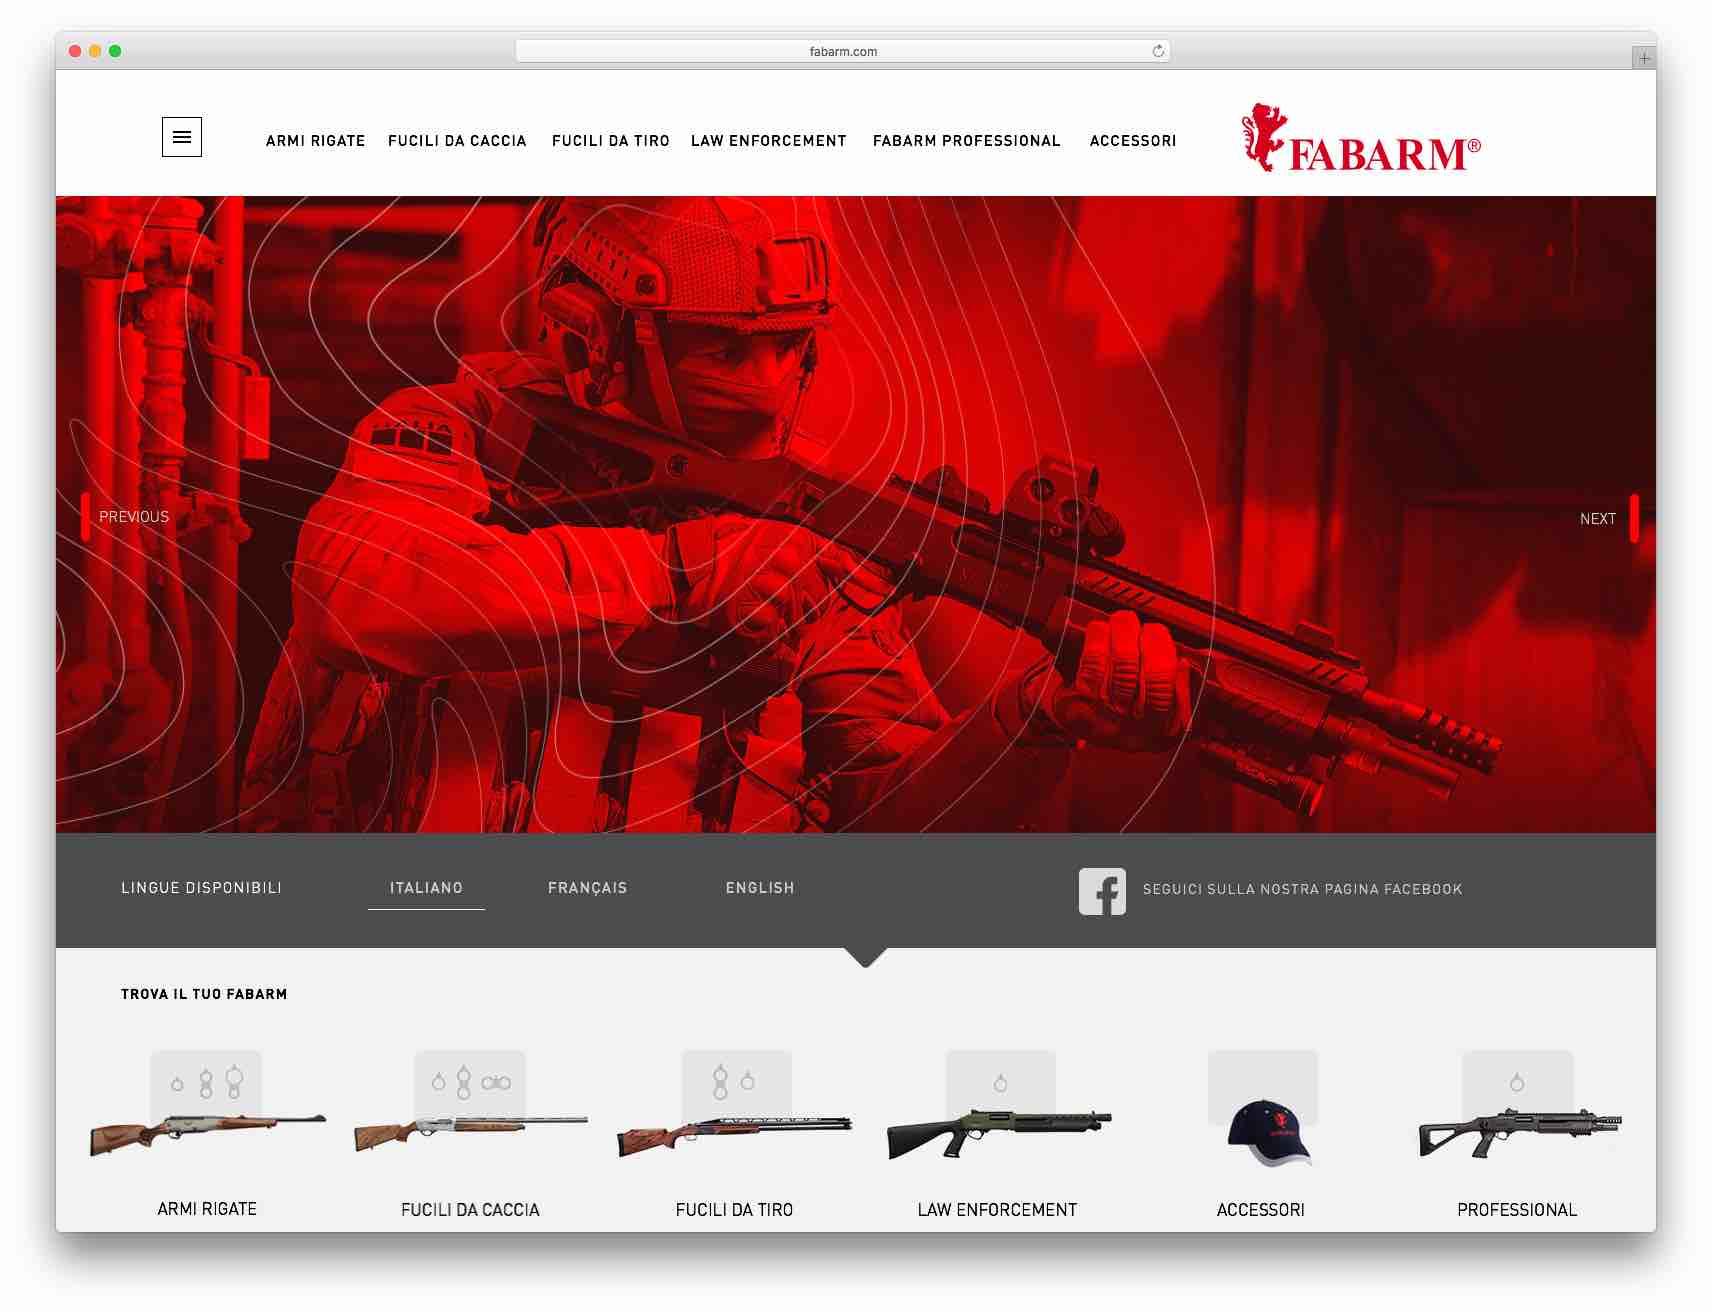 creazione siti web brescia - sito web fabarm